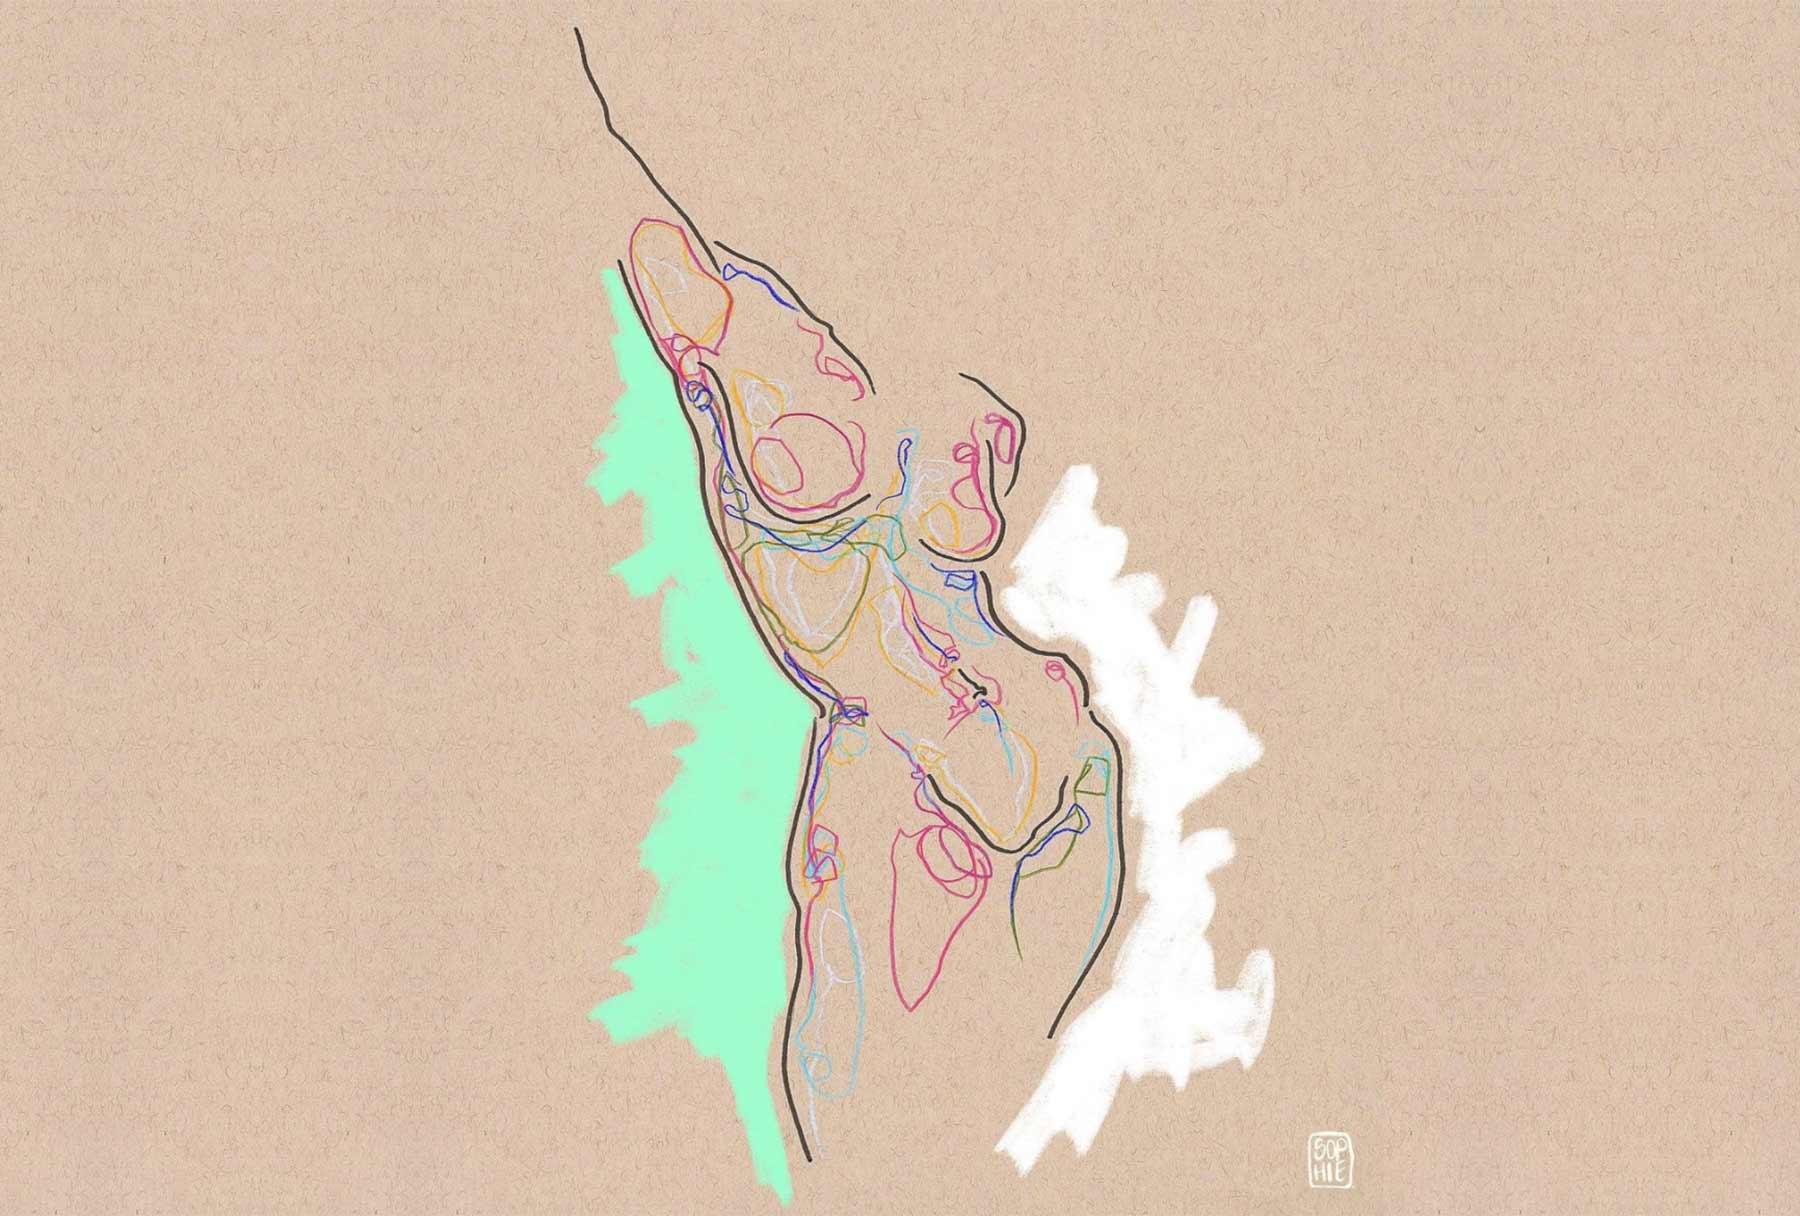 Illustrationen und Zeichnungen von Sophie Sturdevant